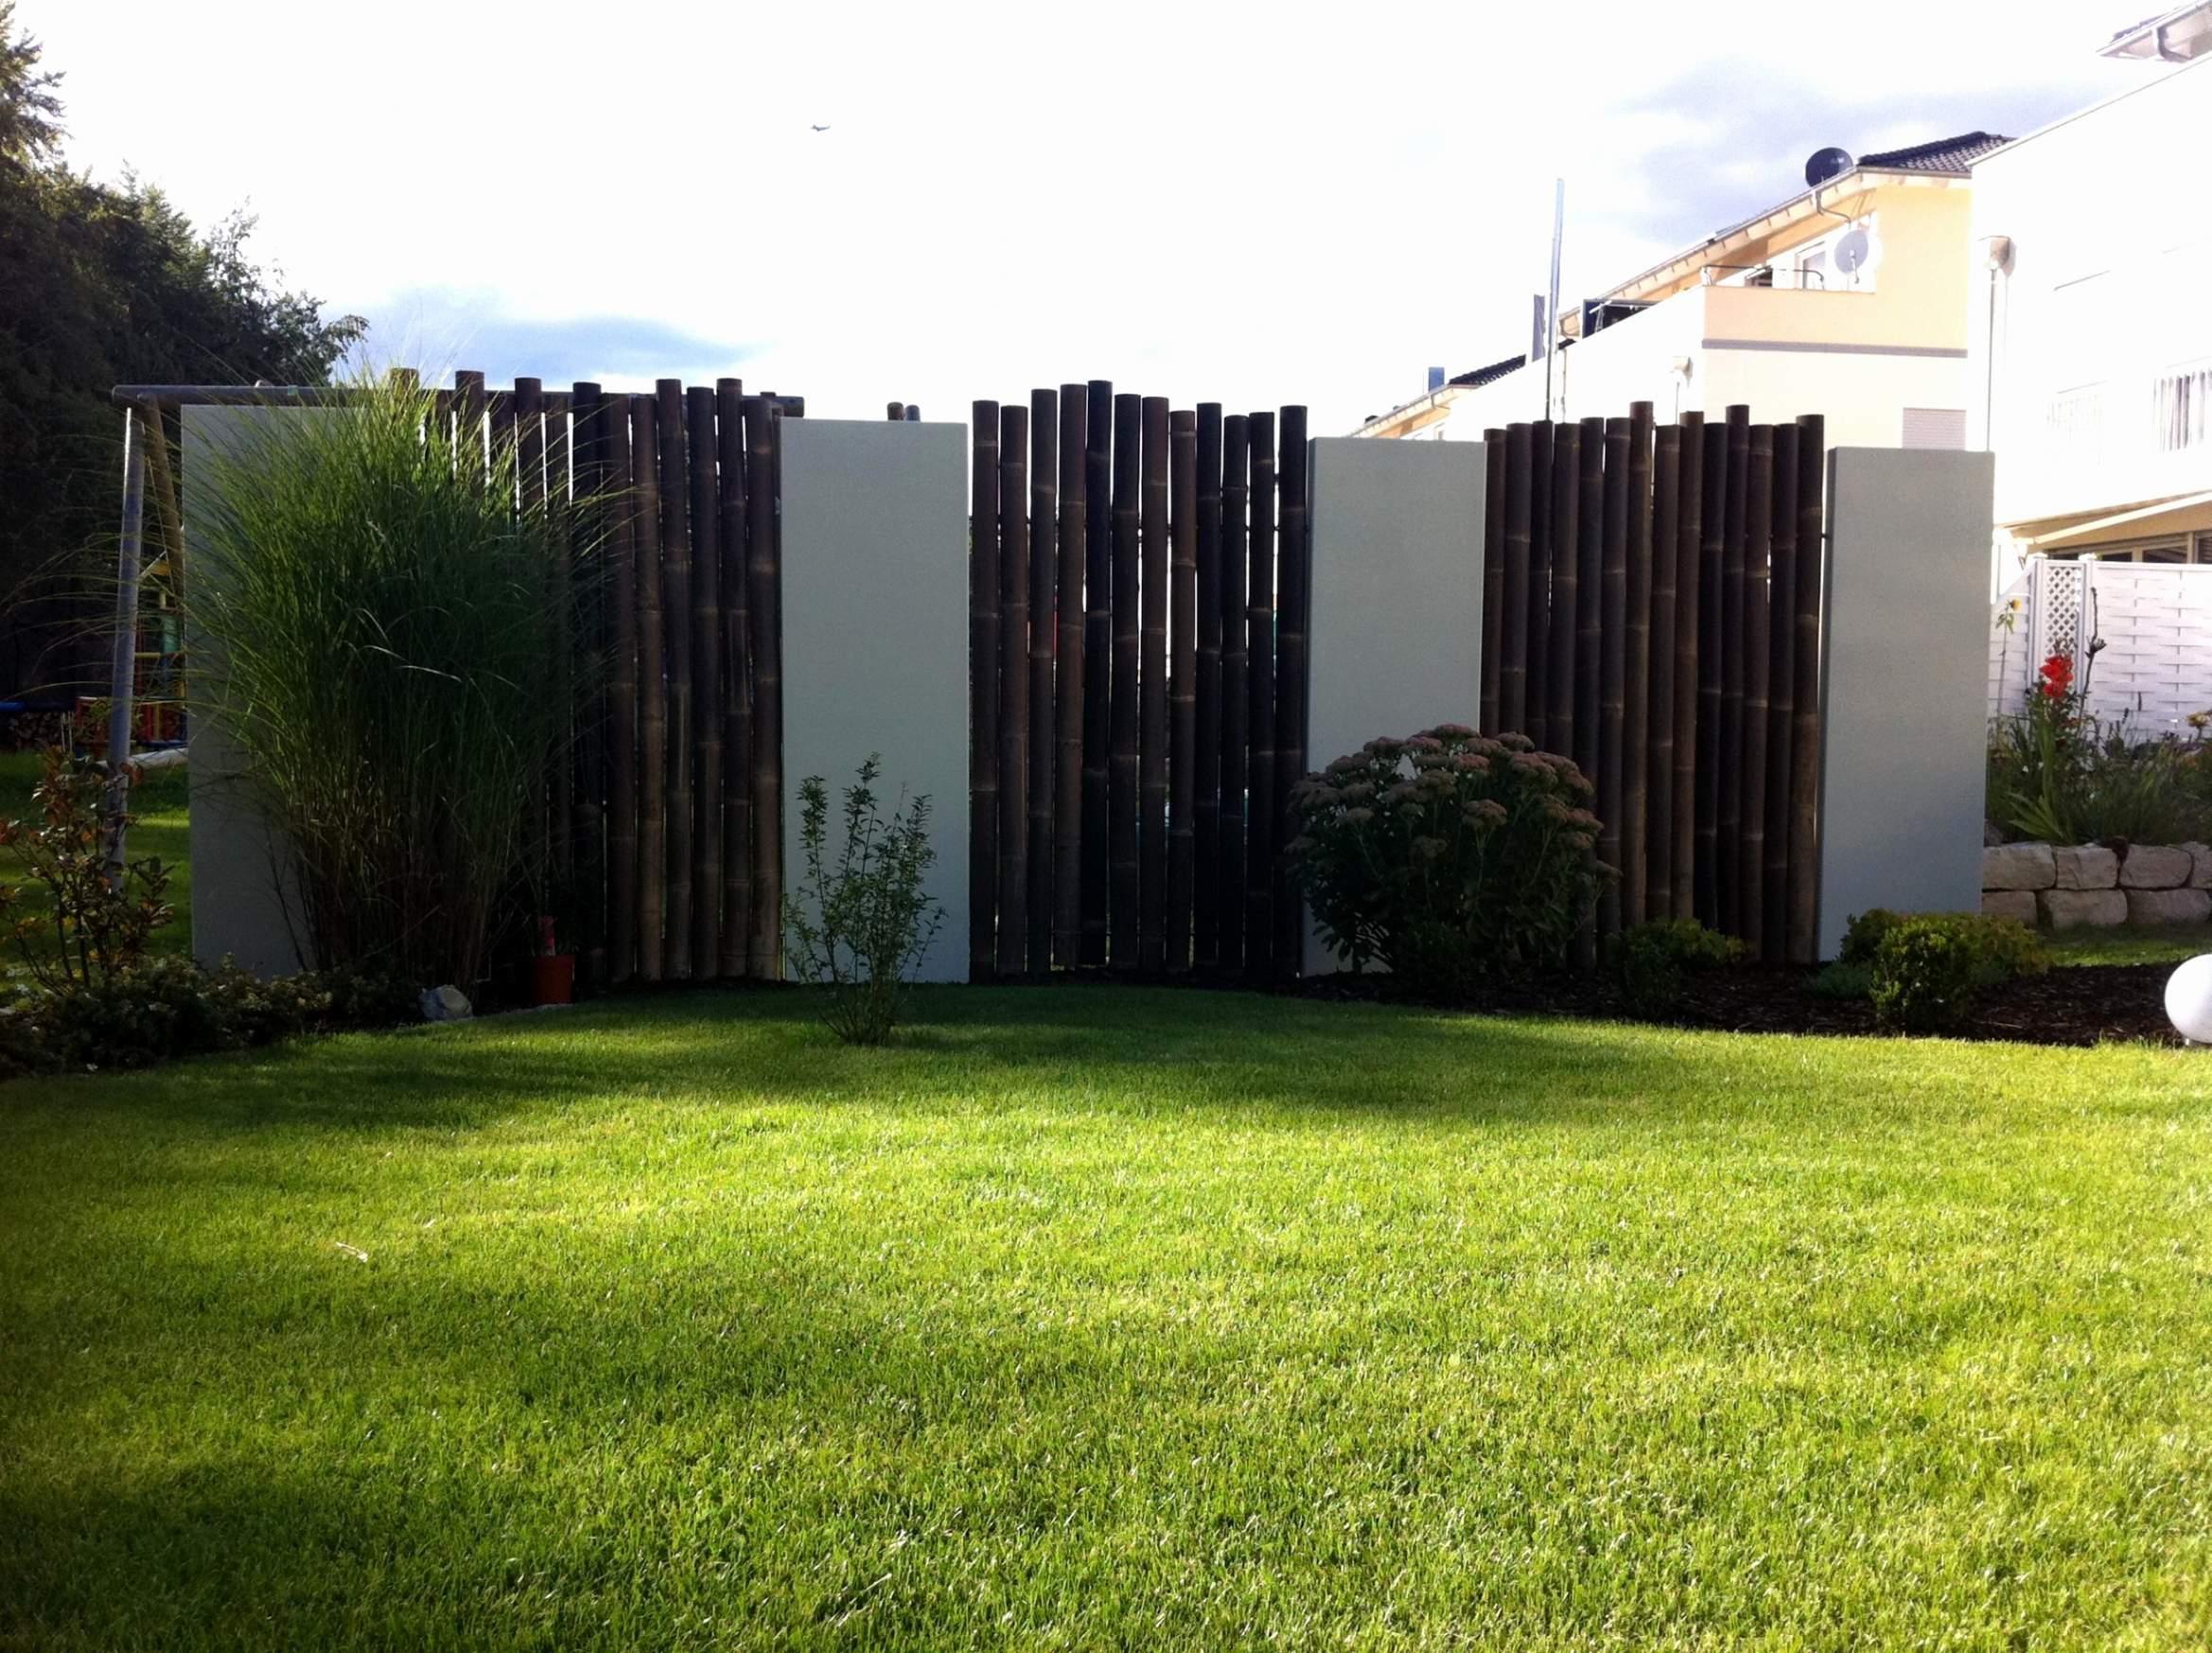 30 Inspirierend Sichtschutz Garten Wpc Das Beste Von Garten Anlegen